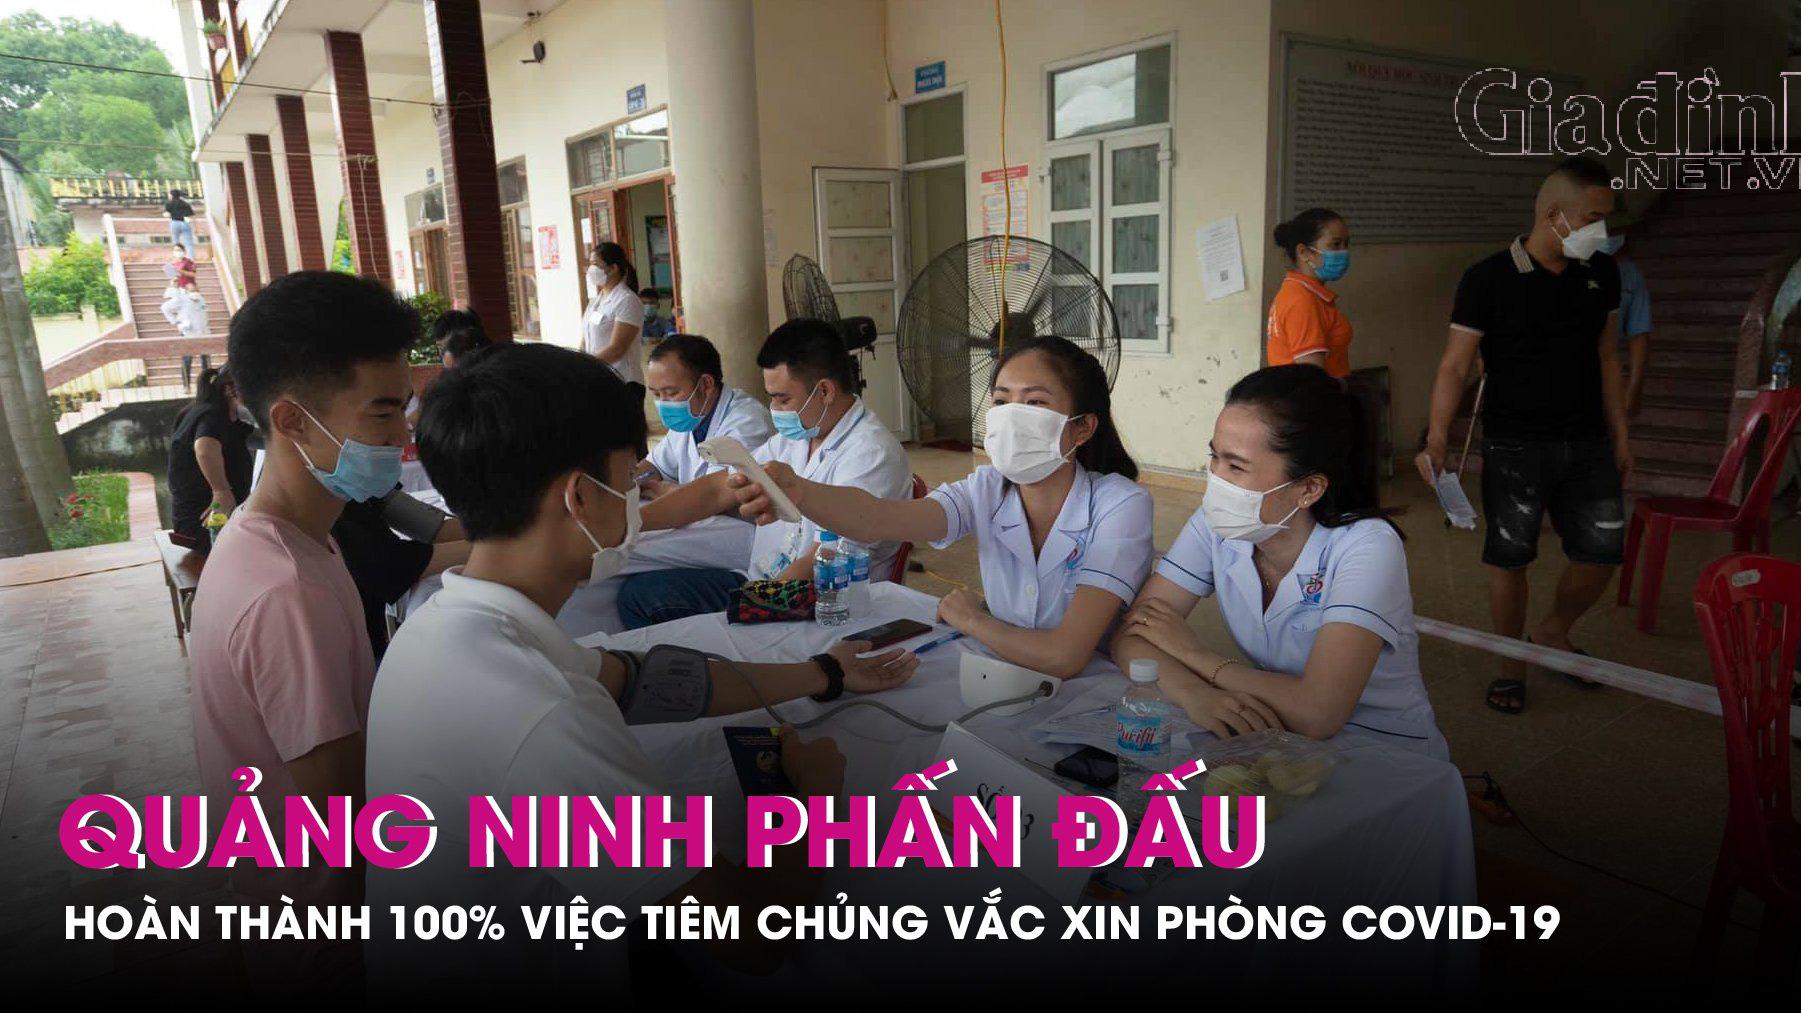 Quảng Ninh phấn đấu hoàn thành 100% việc tiêm chủng vắc xin phòng covid-19